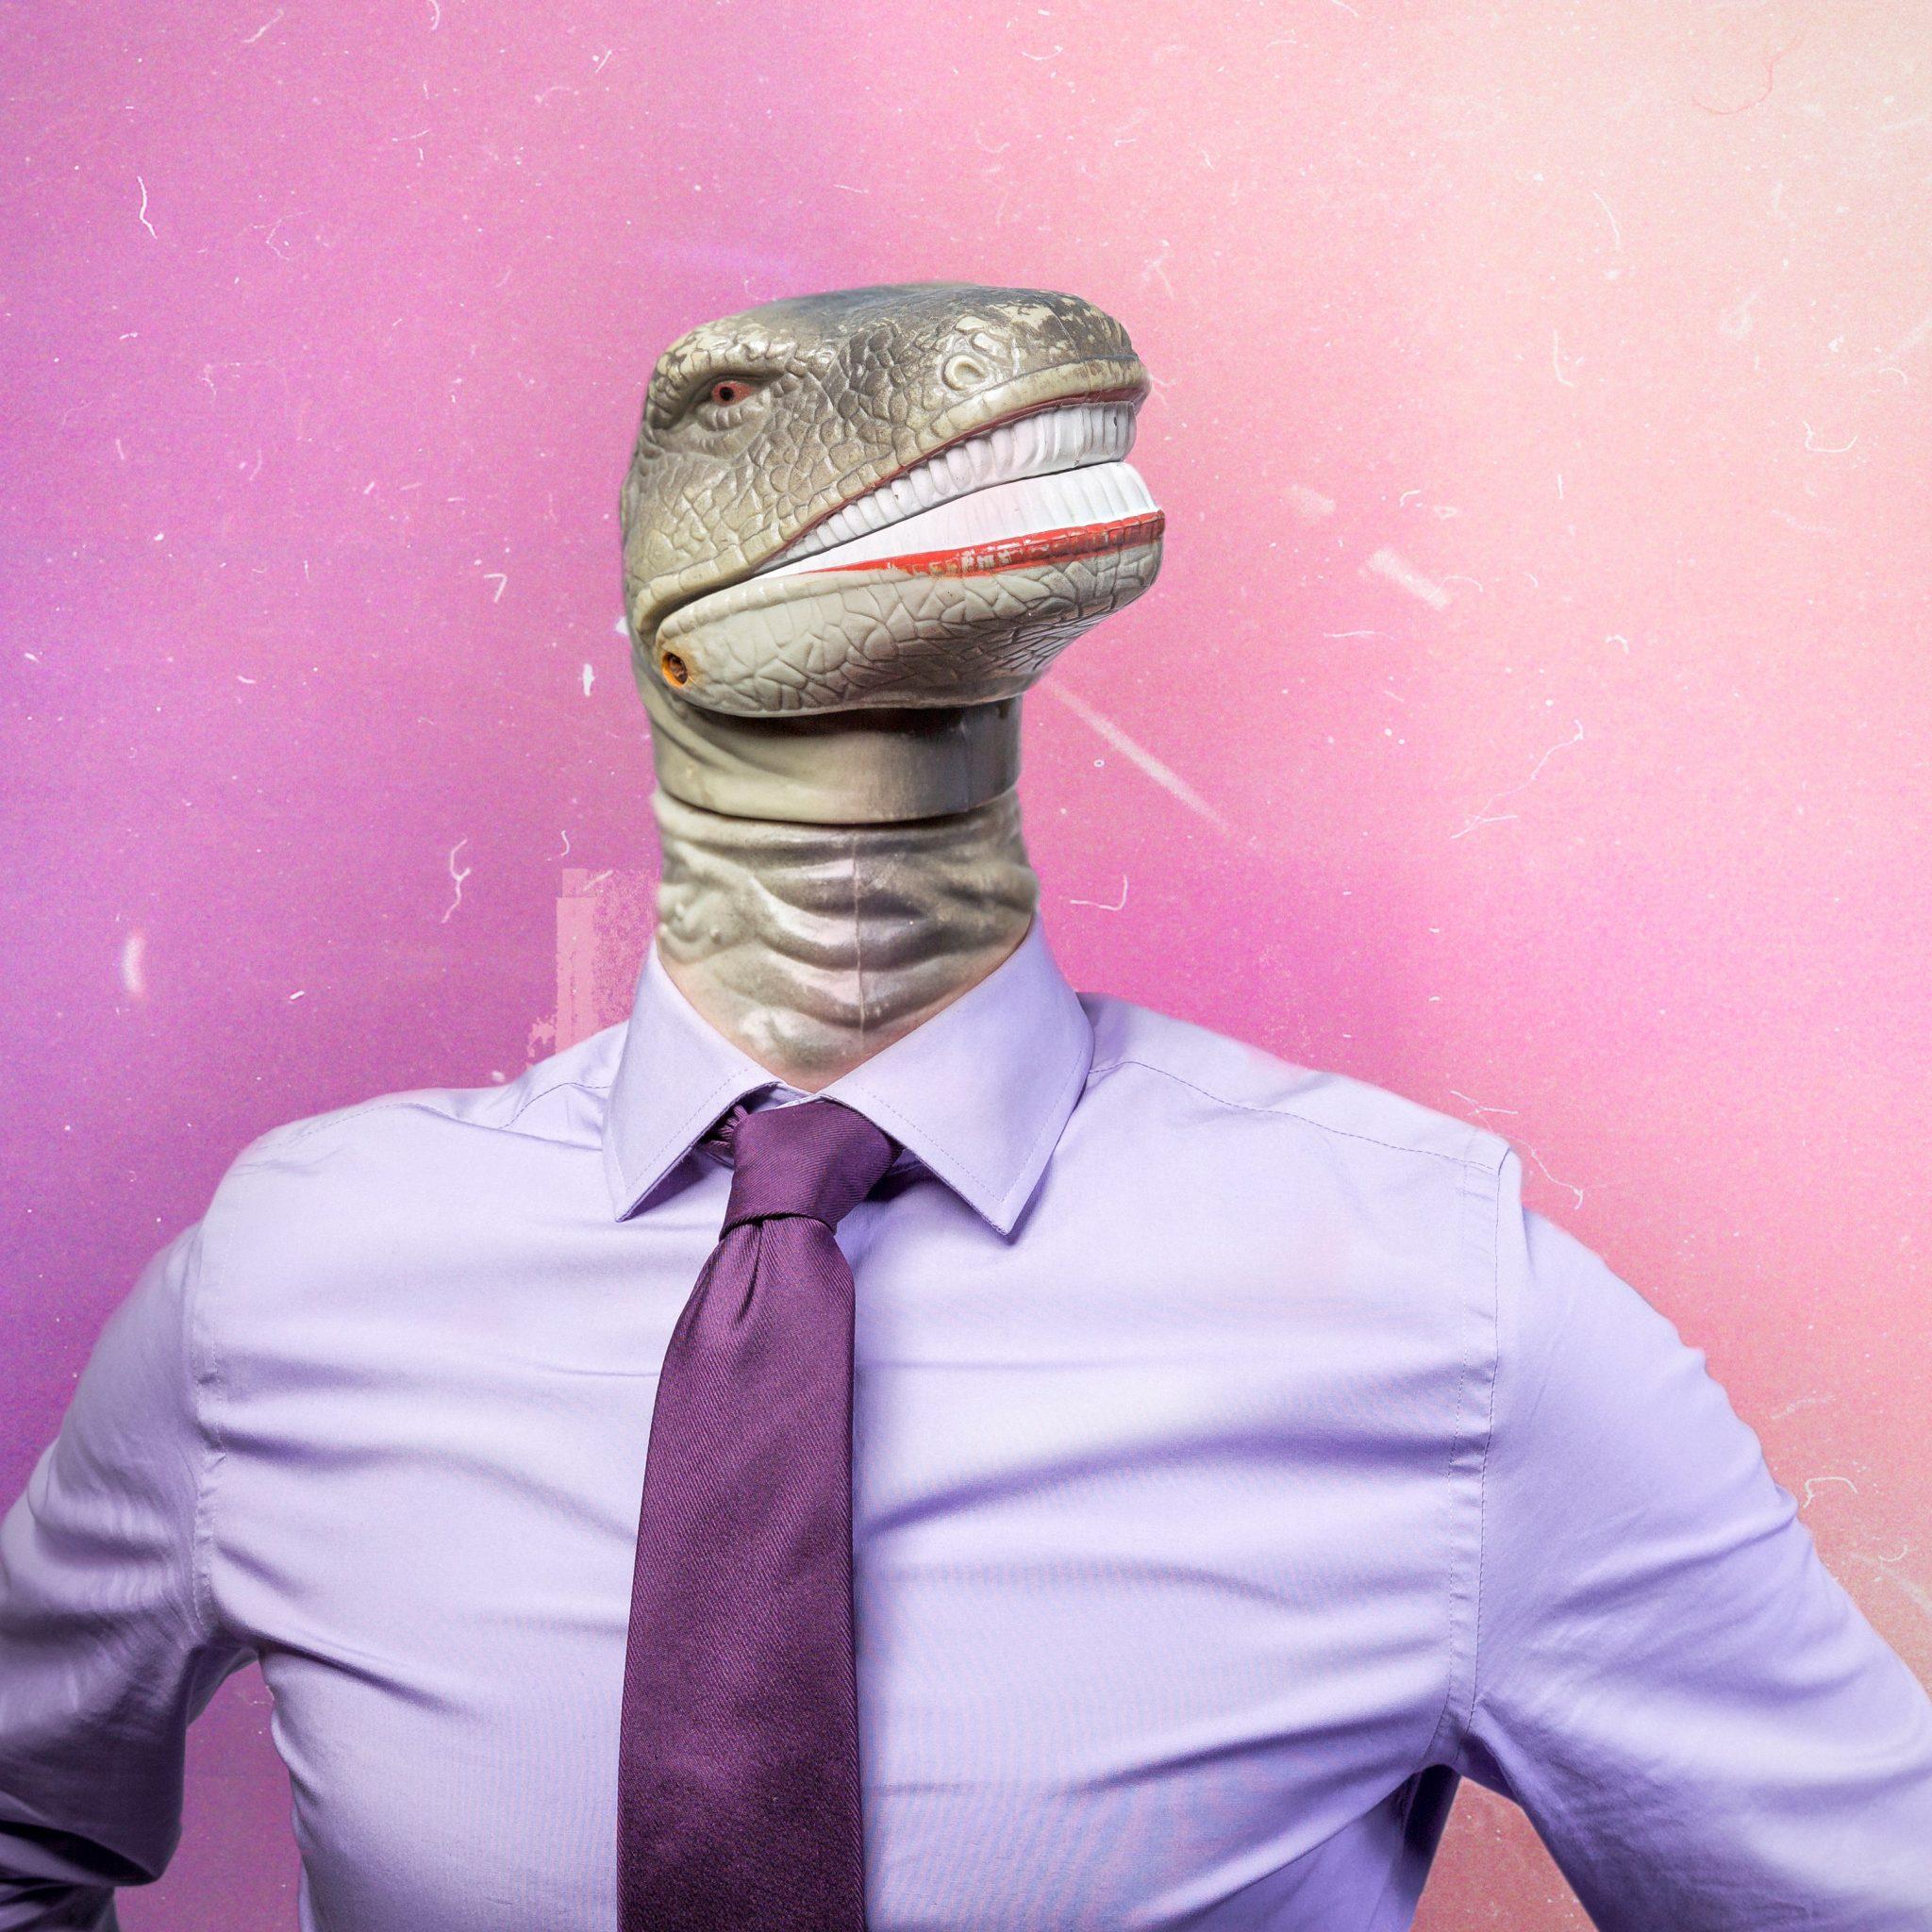 Bossing im Job: Wenn der Chef mobbt (Teil2)